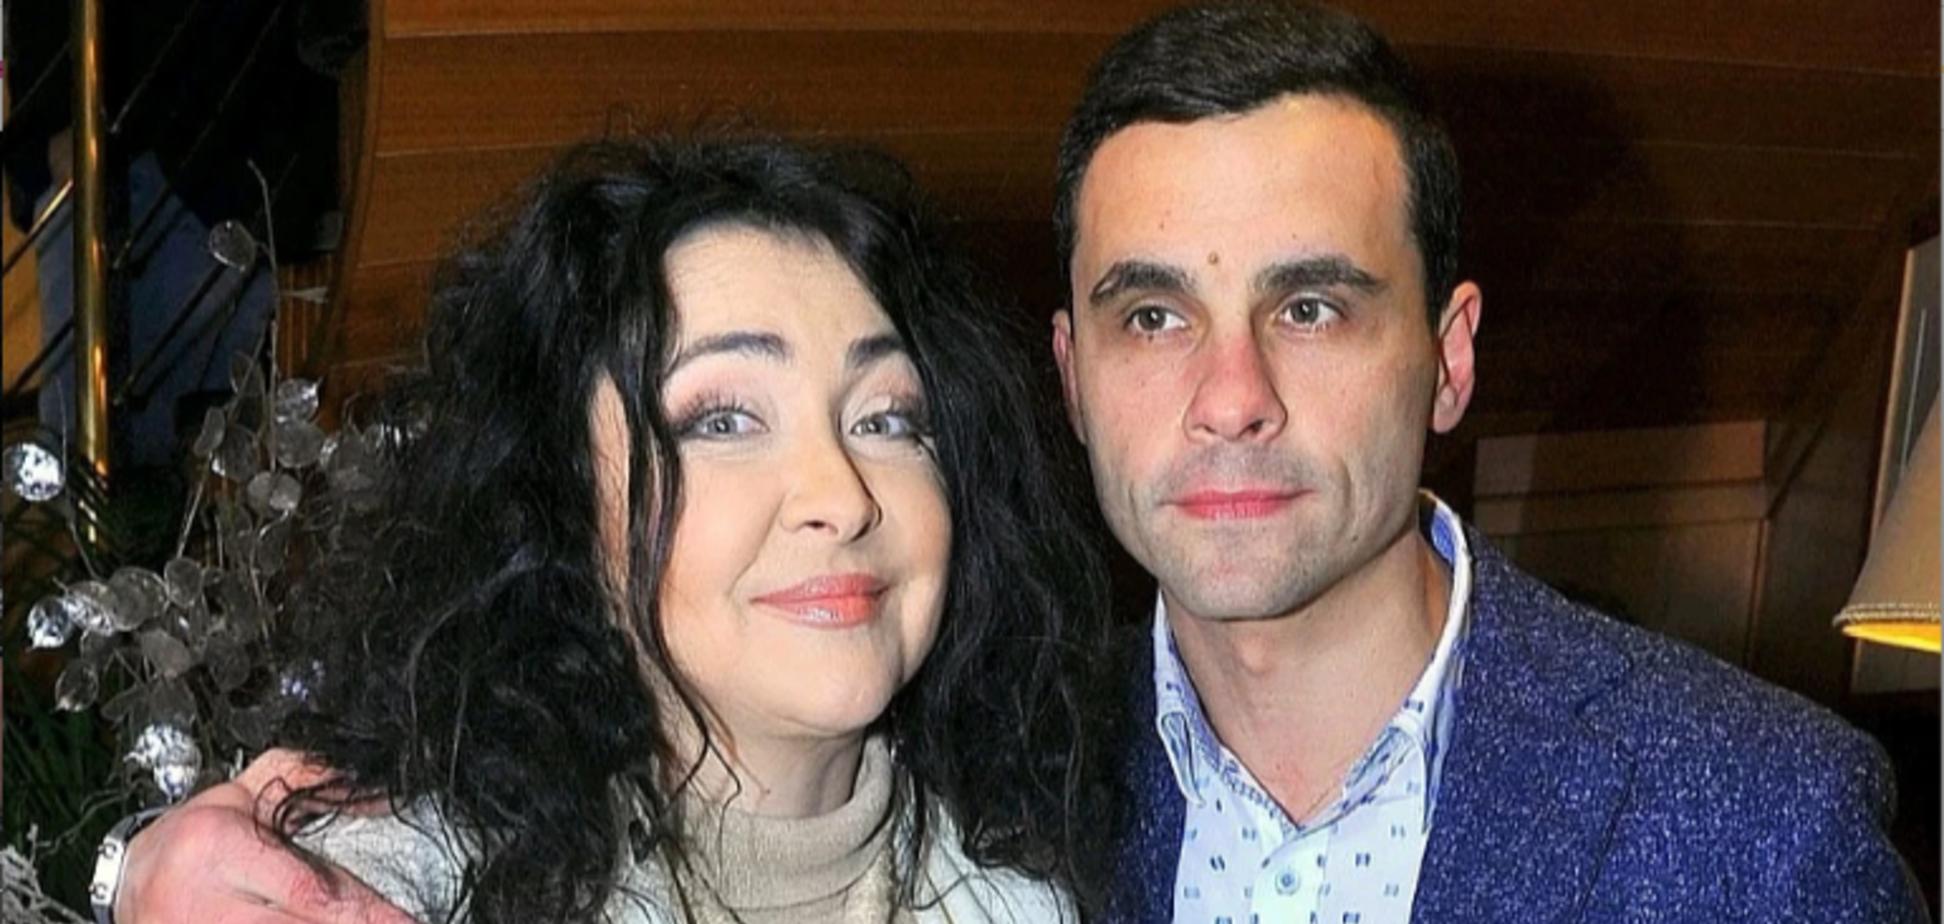 Лолита рассказала о выходках бывшего мужа: приходил пьяный и избитый